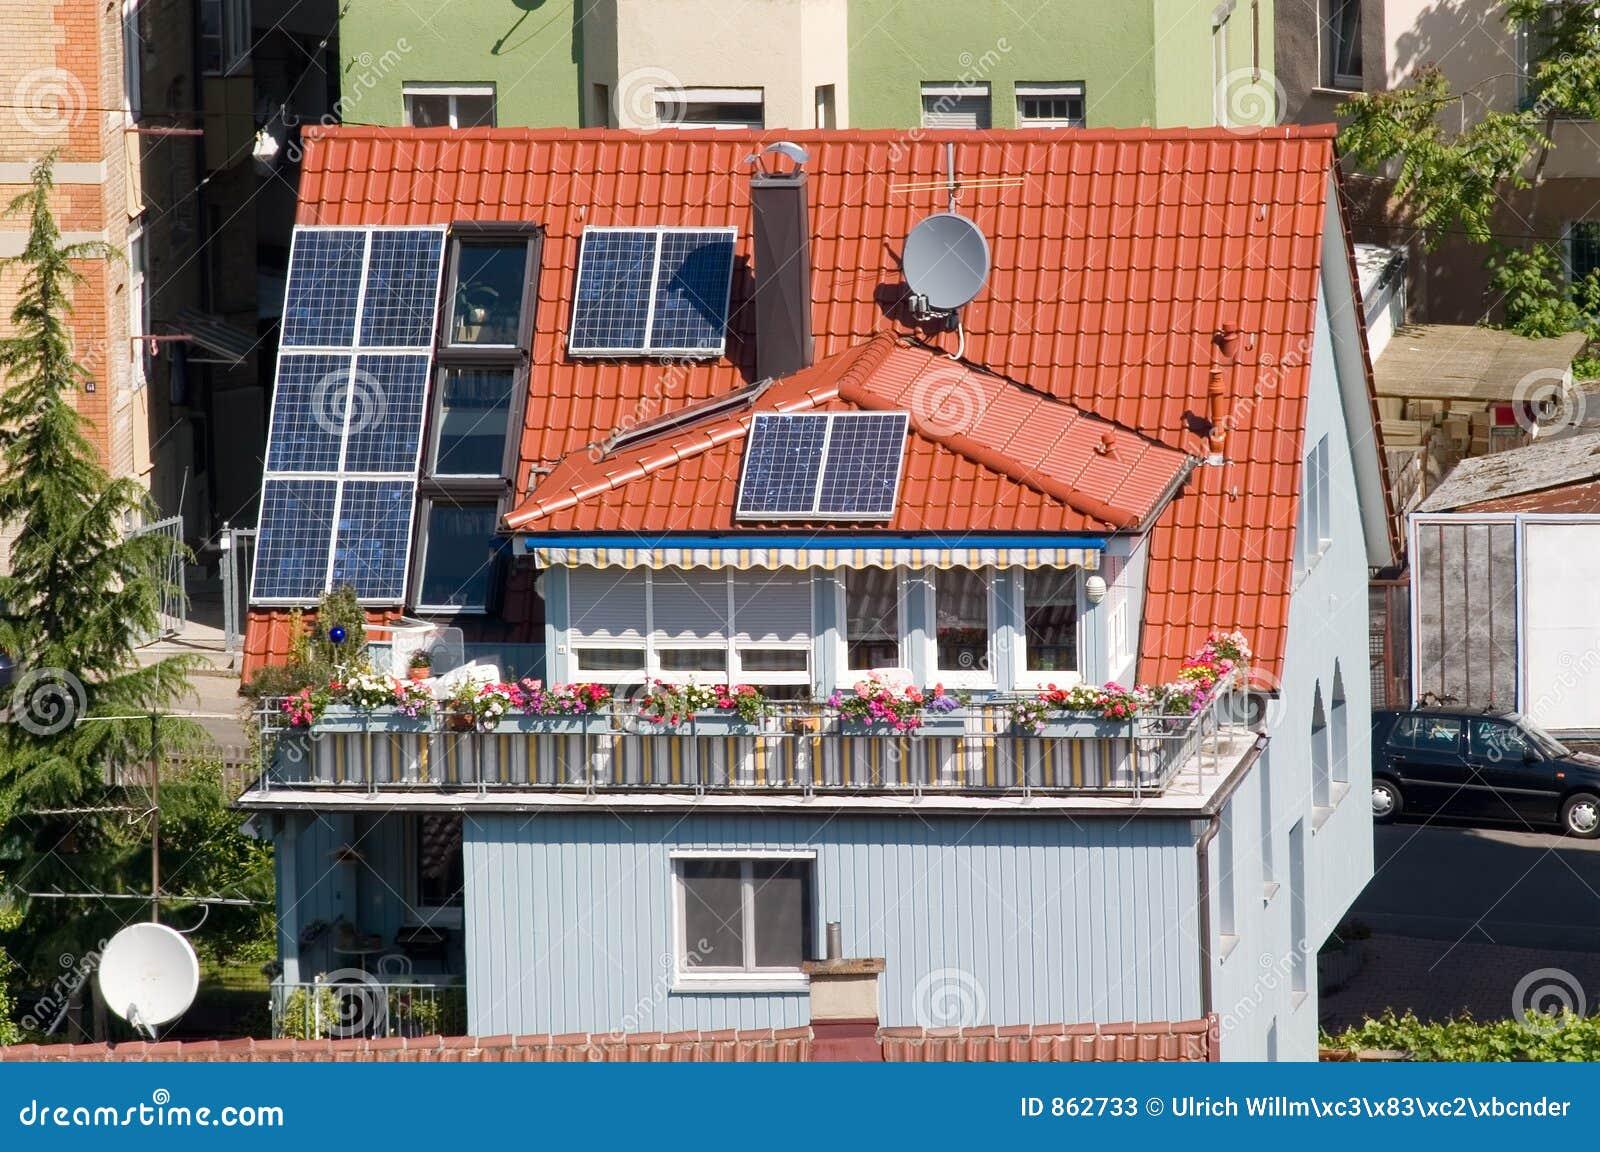 επιτροπές σπιτιών ηλιακές